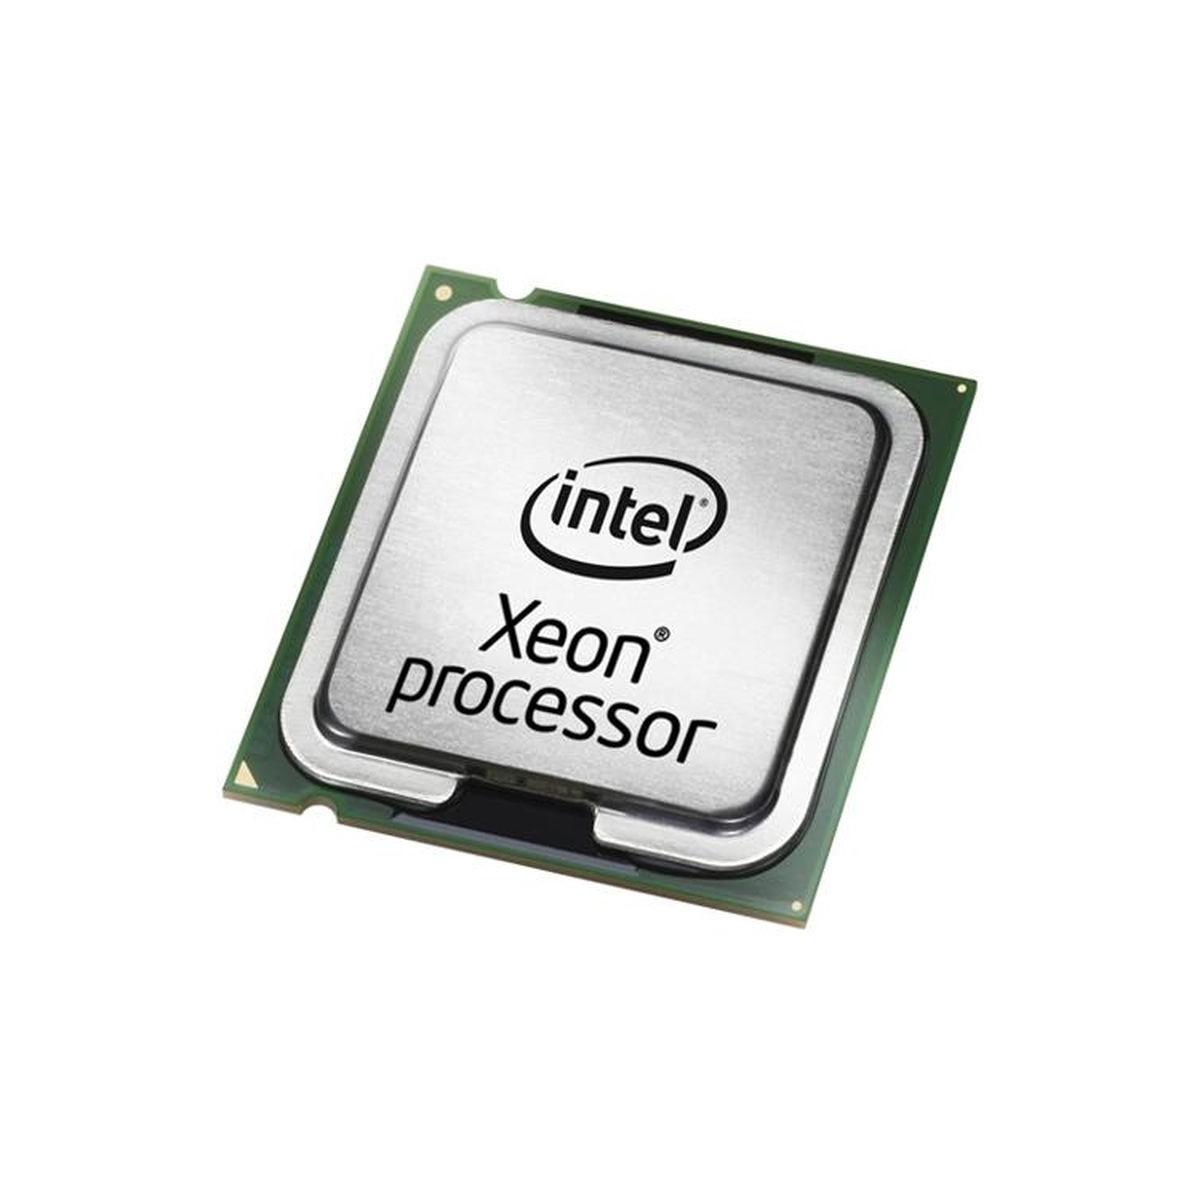 PLYTA GLOWNA X7DB8 z 2x2.33DC 8GB RAM 2xRADIATOR